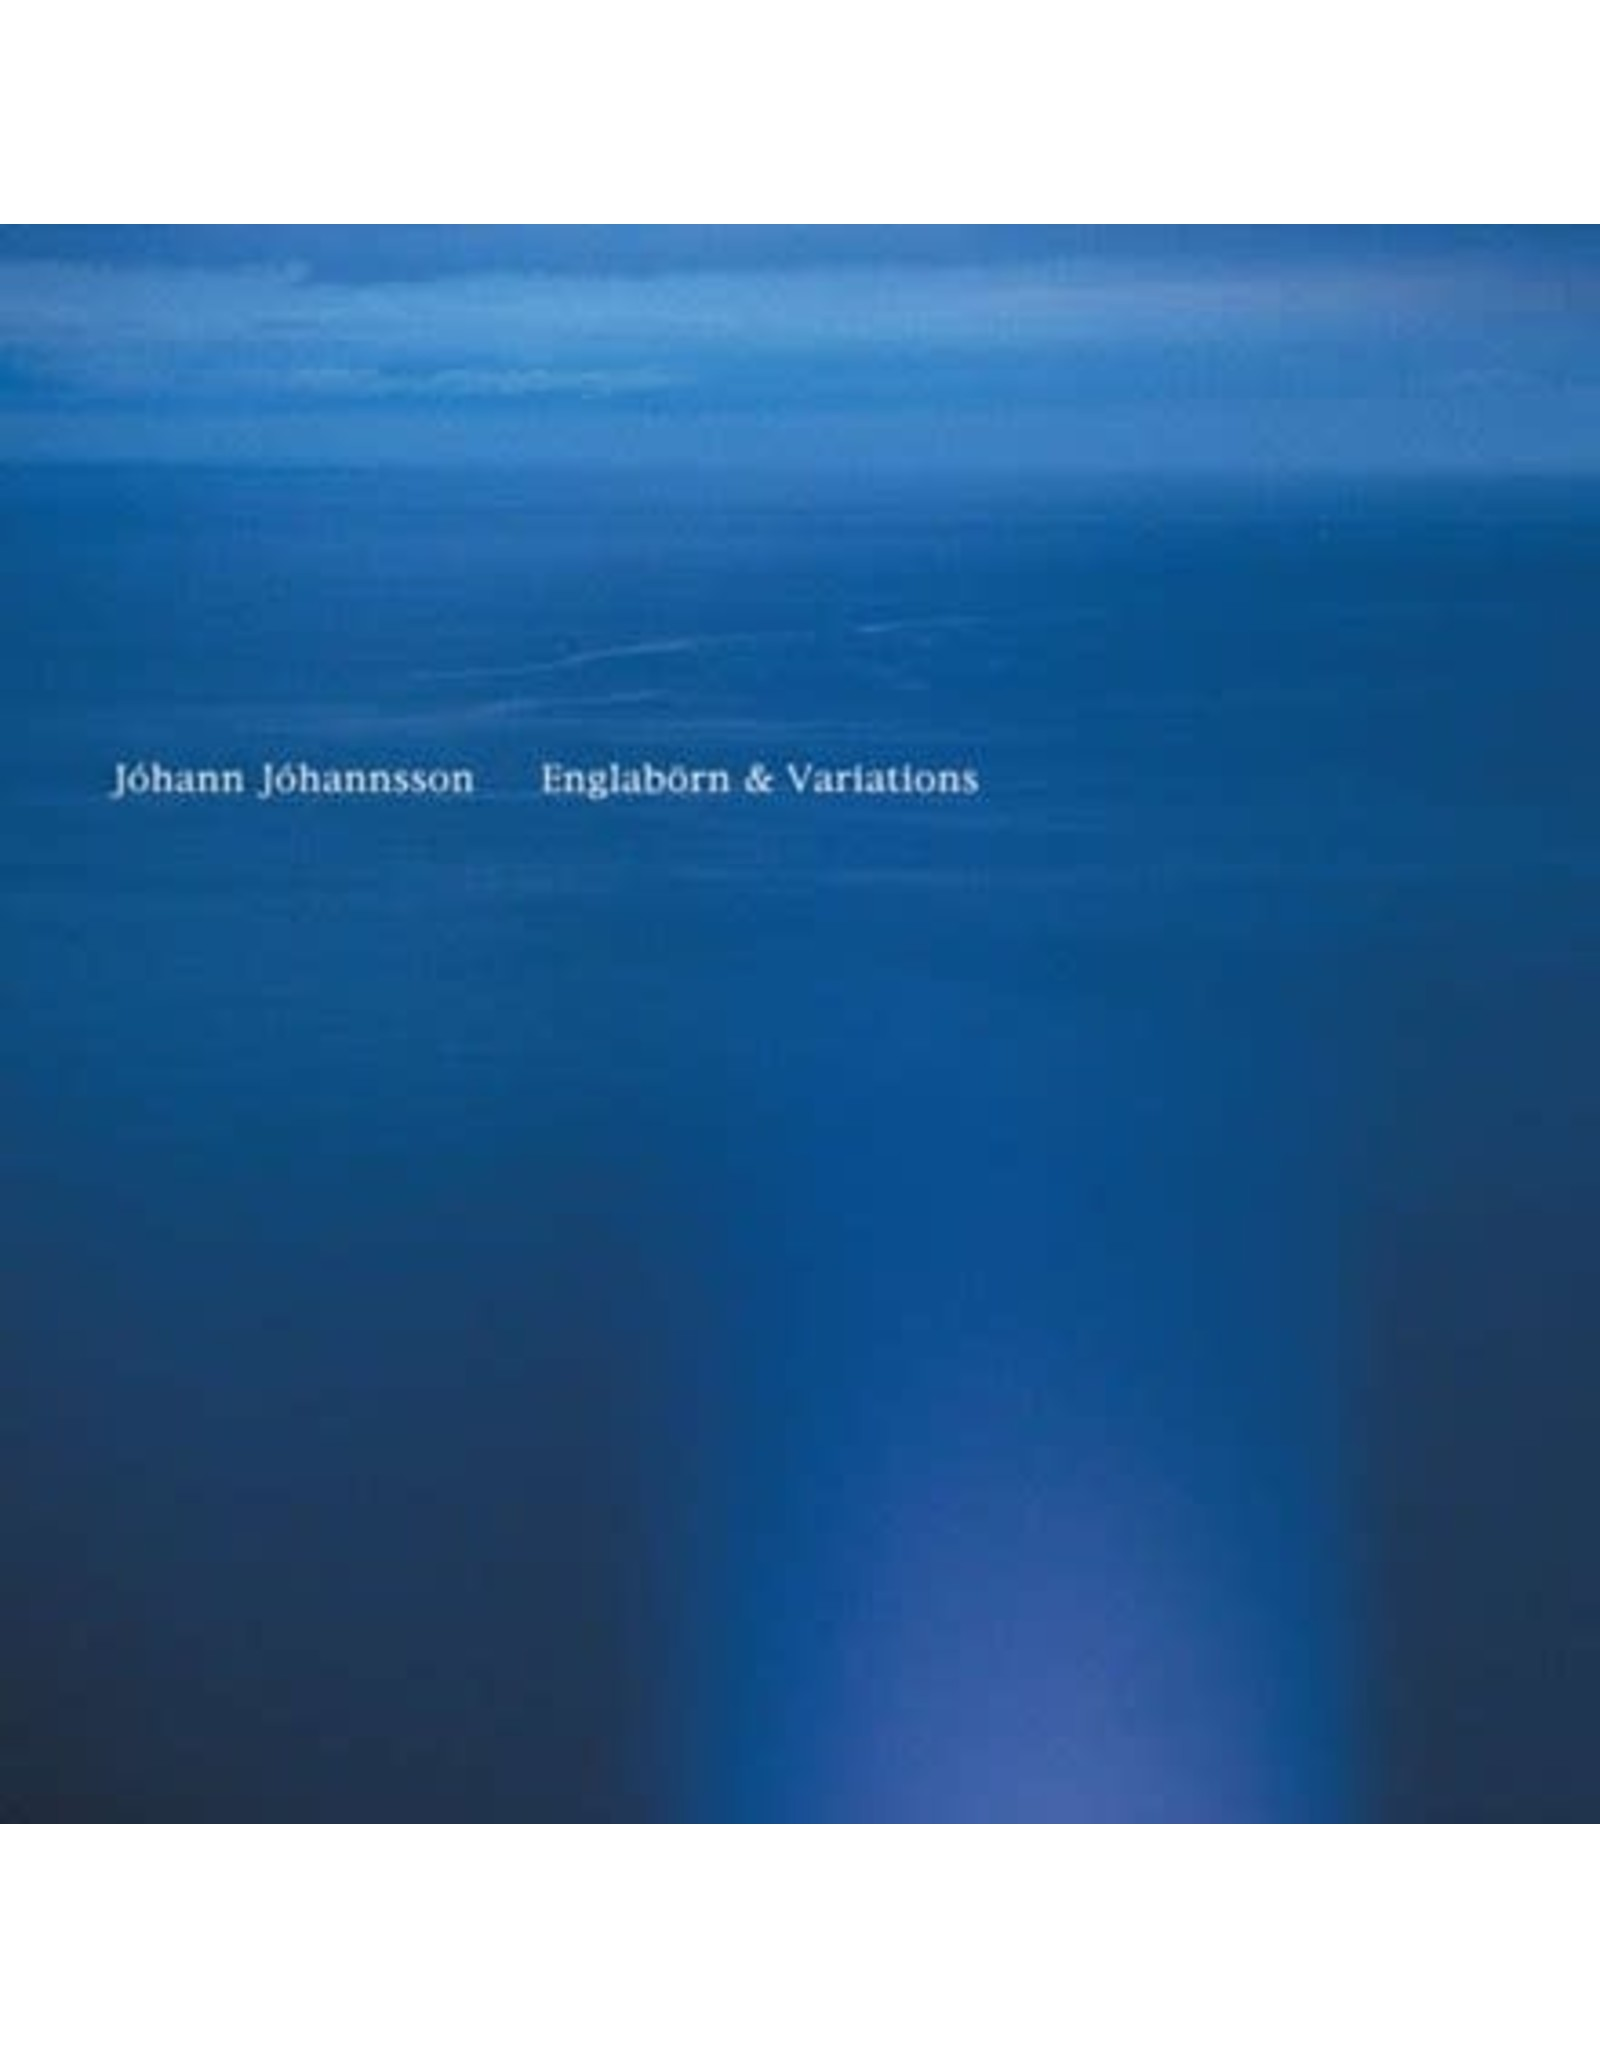 Deutsche Grammophon Johannsson, Johann: Englabörn & Variations LP